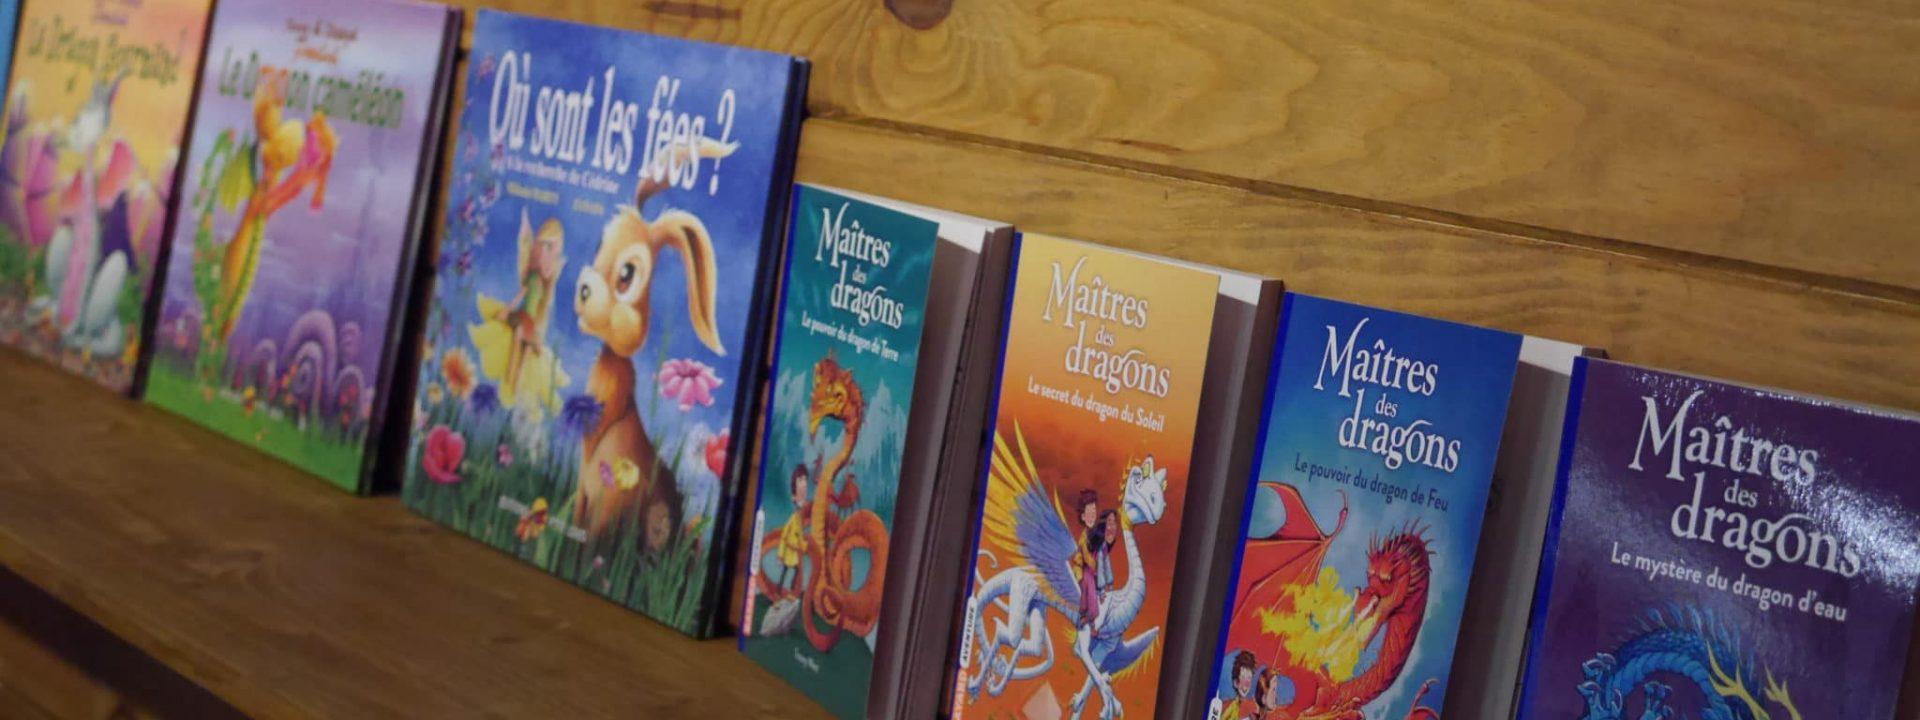 Livres sur la thématique féerique, boutique du parc Fantassia